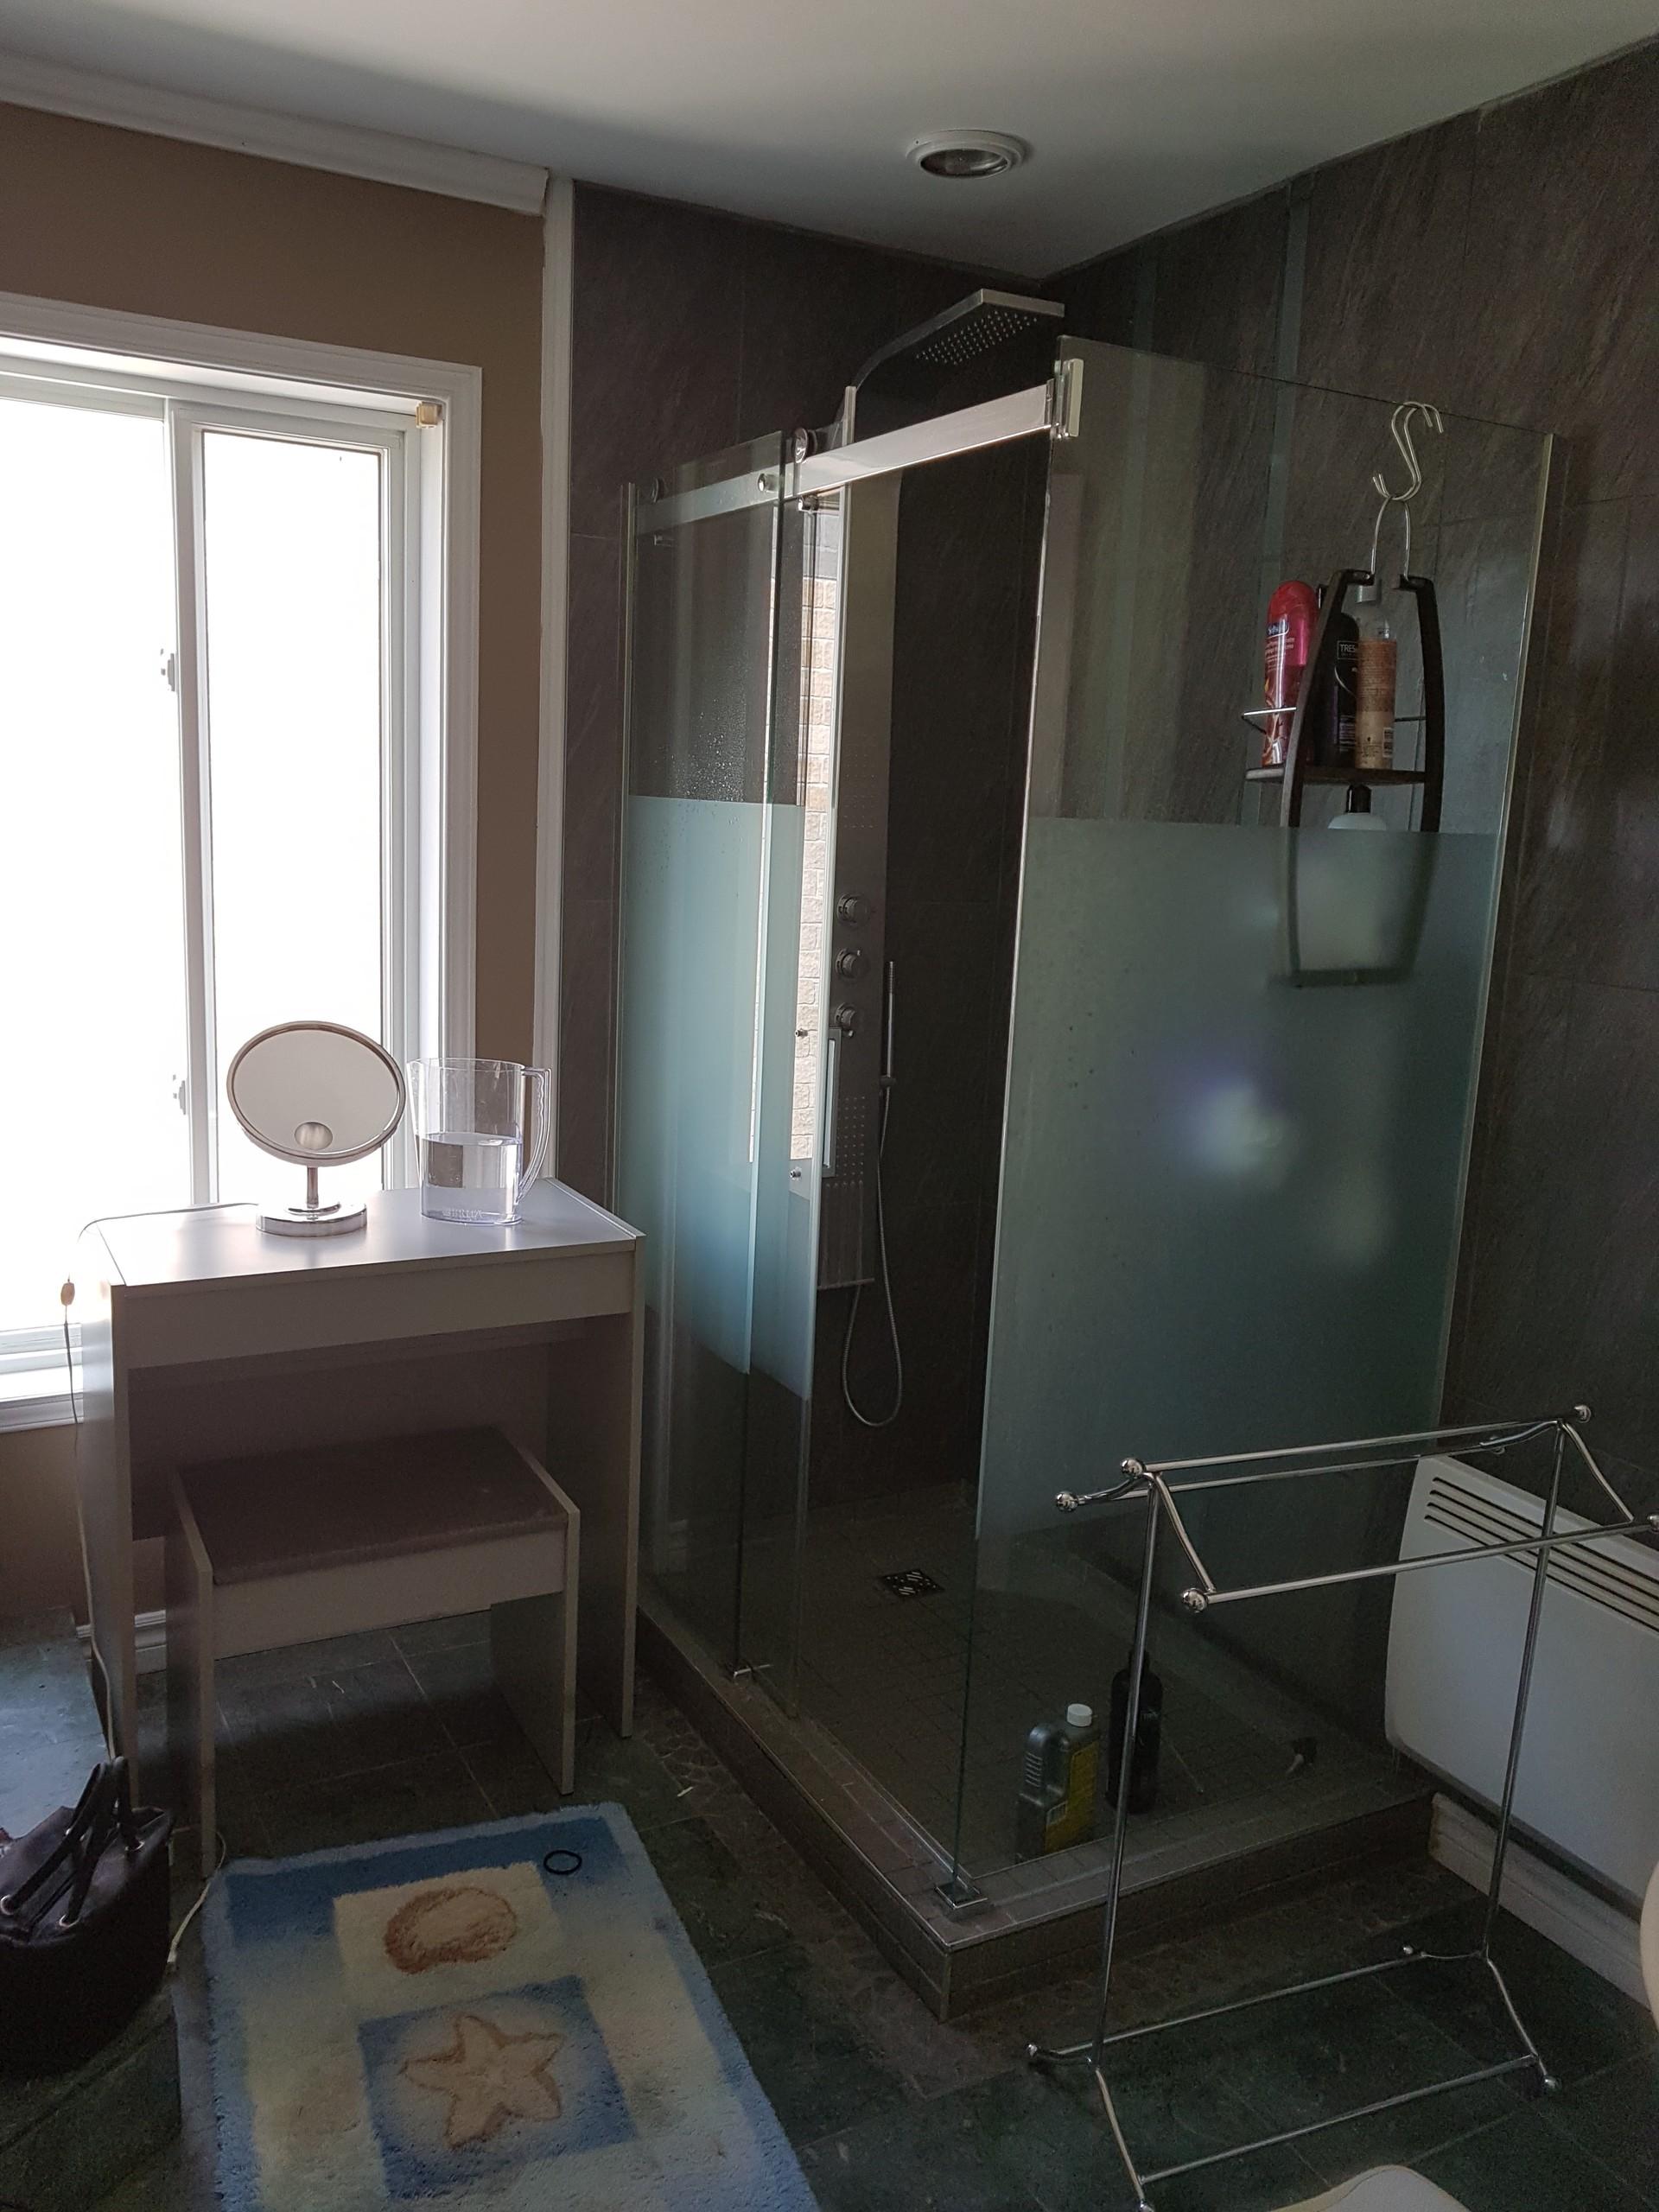 room-for-rent-8406ede921d1aae7af1f2f9656